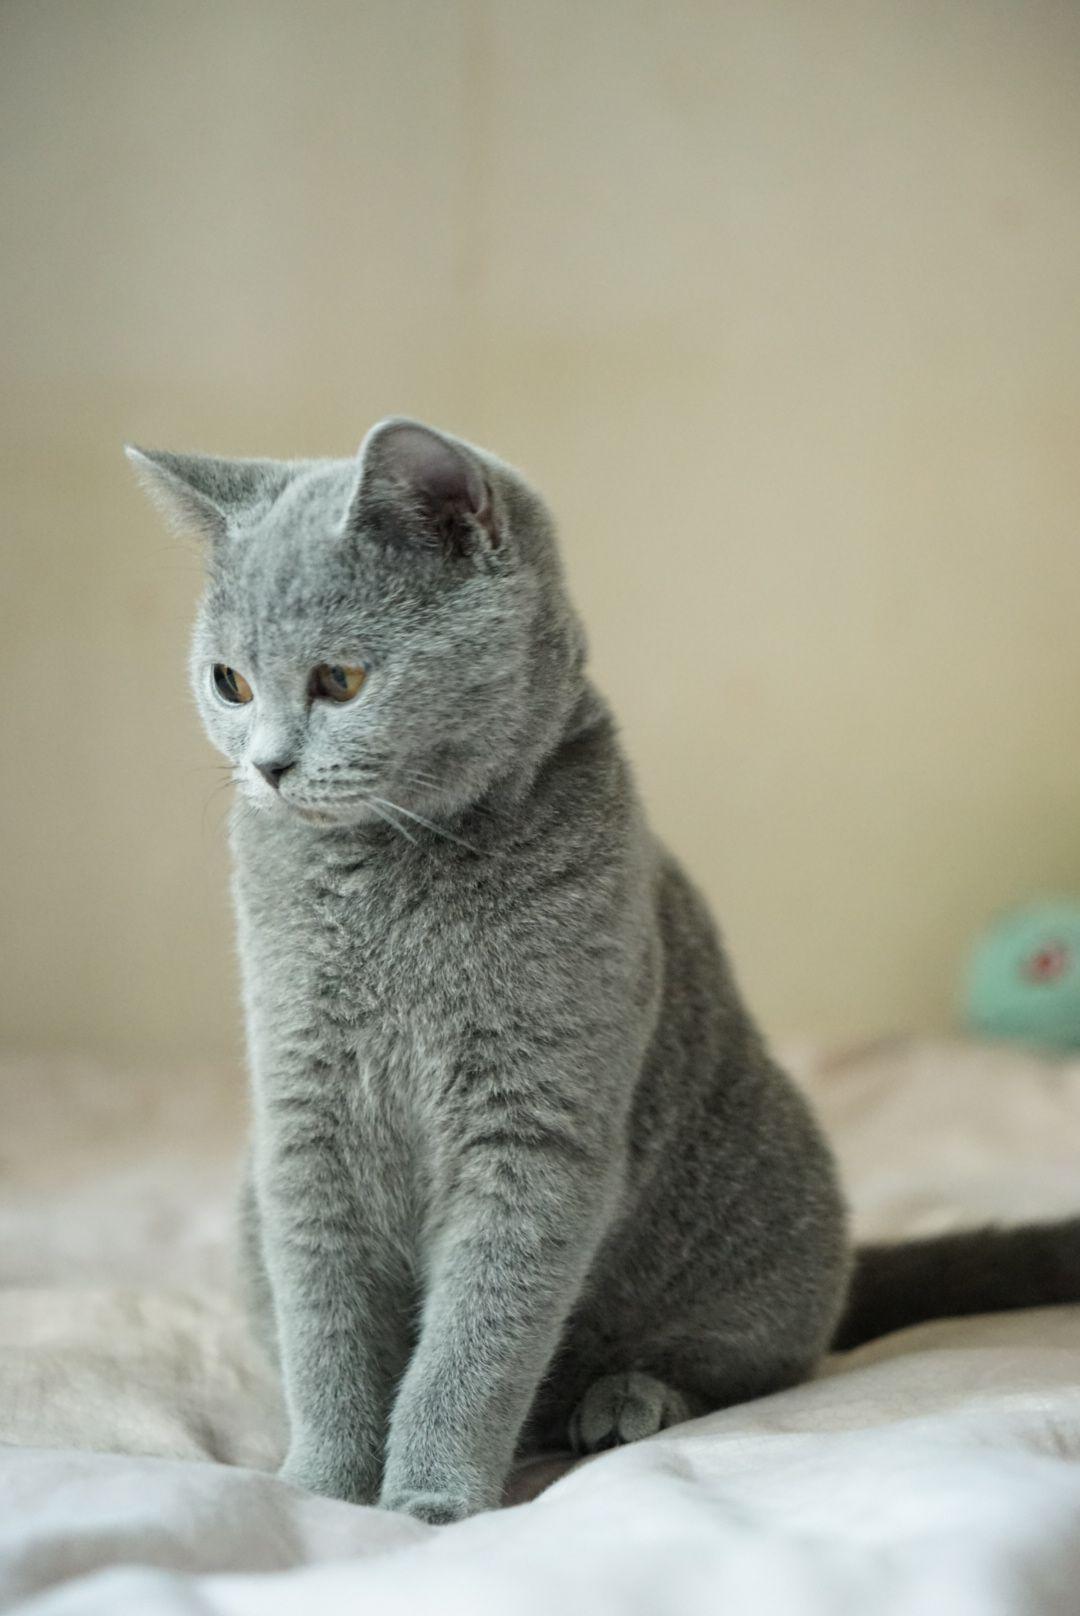 Lovely British Shorthair British Shorthair Cats British Shorthair British Shorthair Kittens